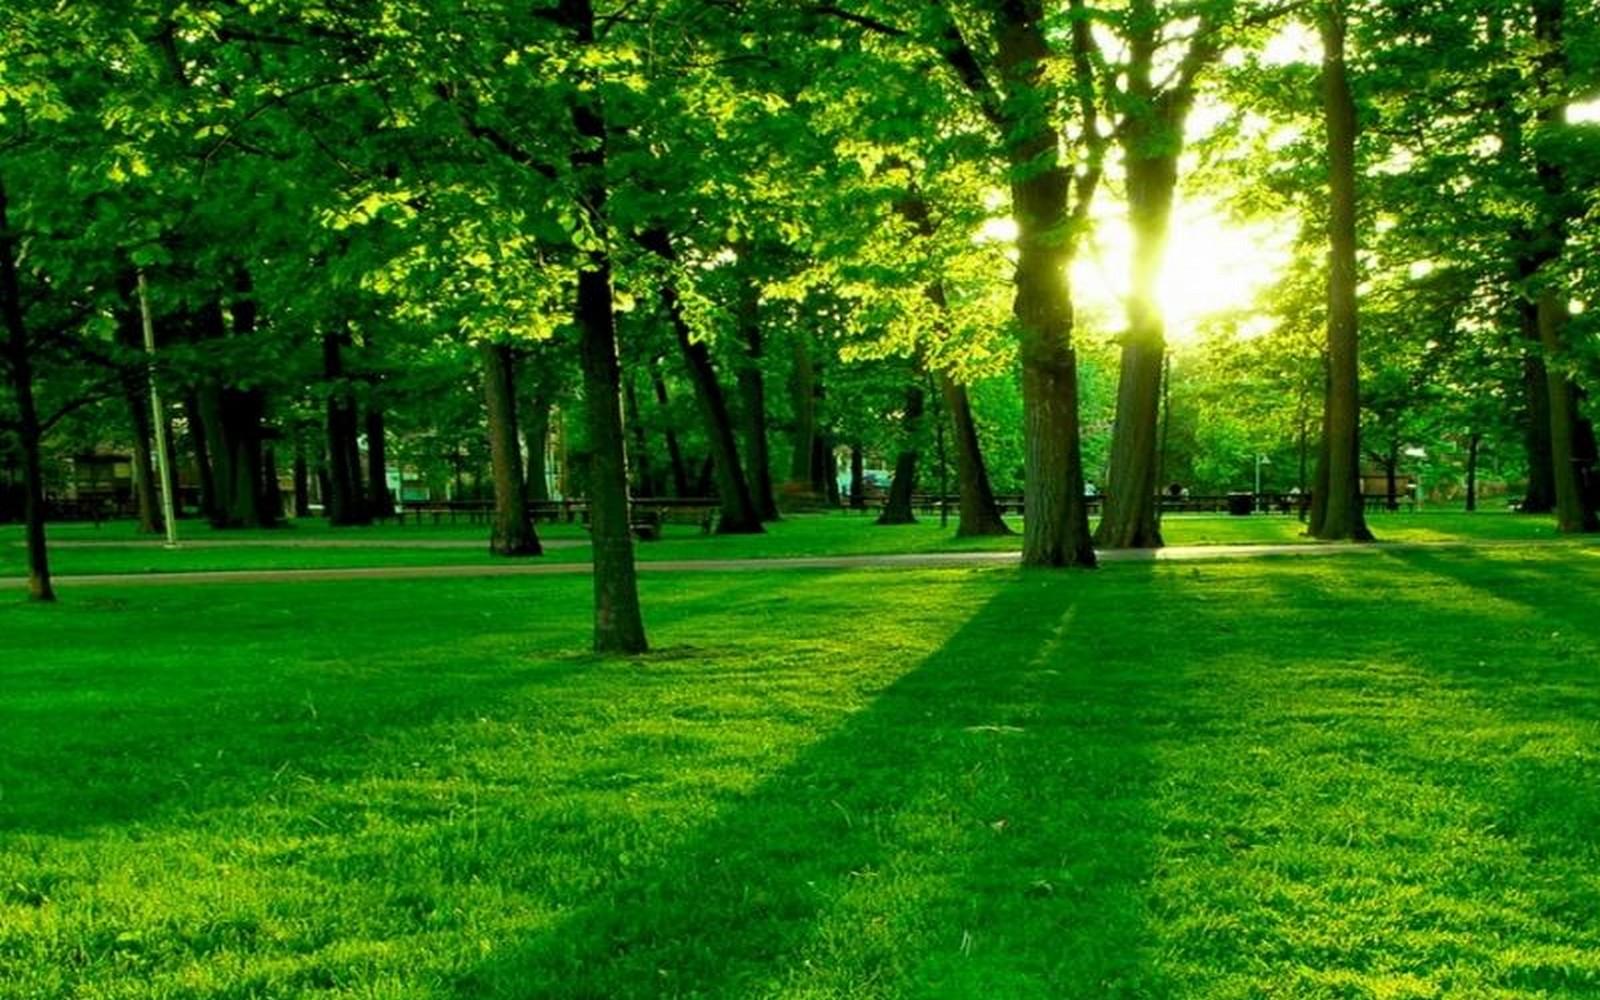 بالصور اجمل صور الطبيعة , المميزة الخلابة 2176 11